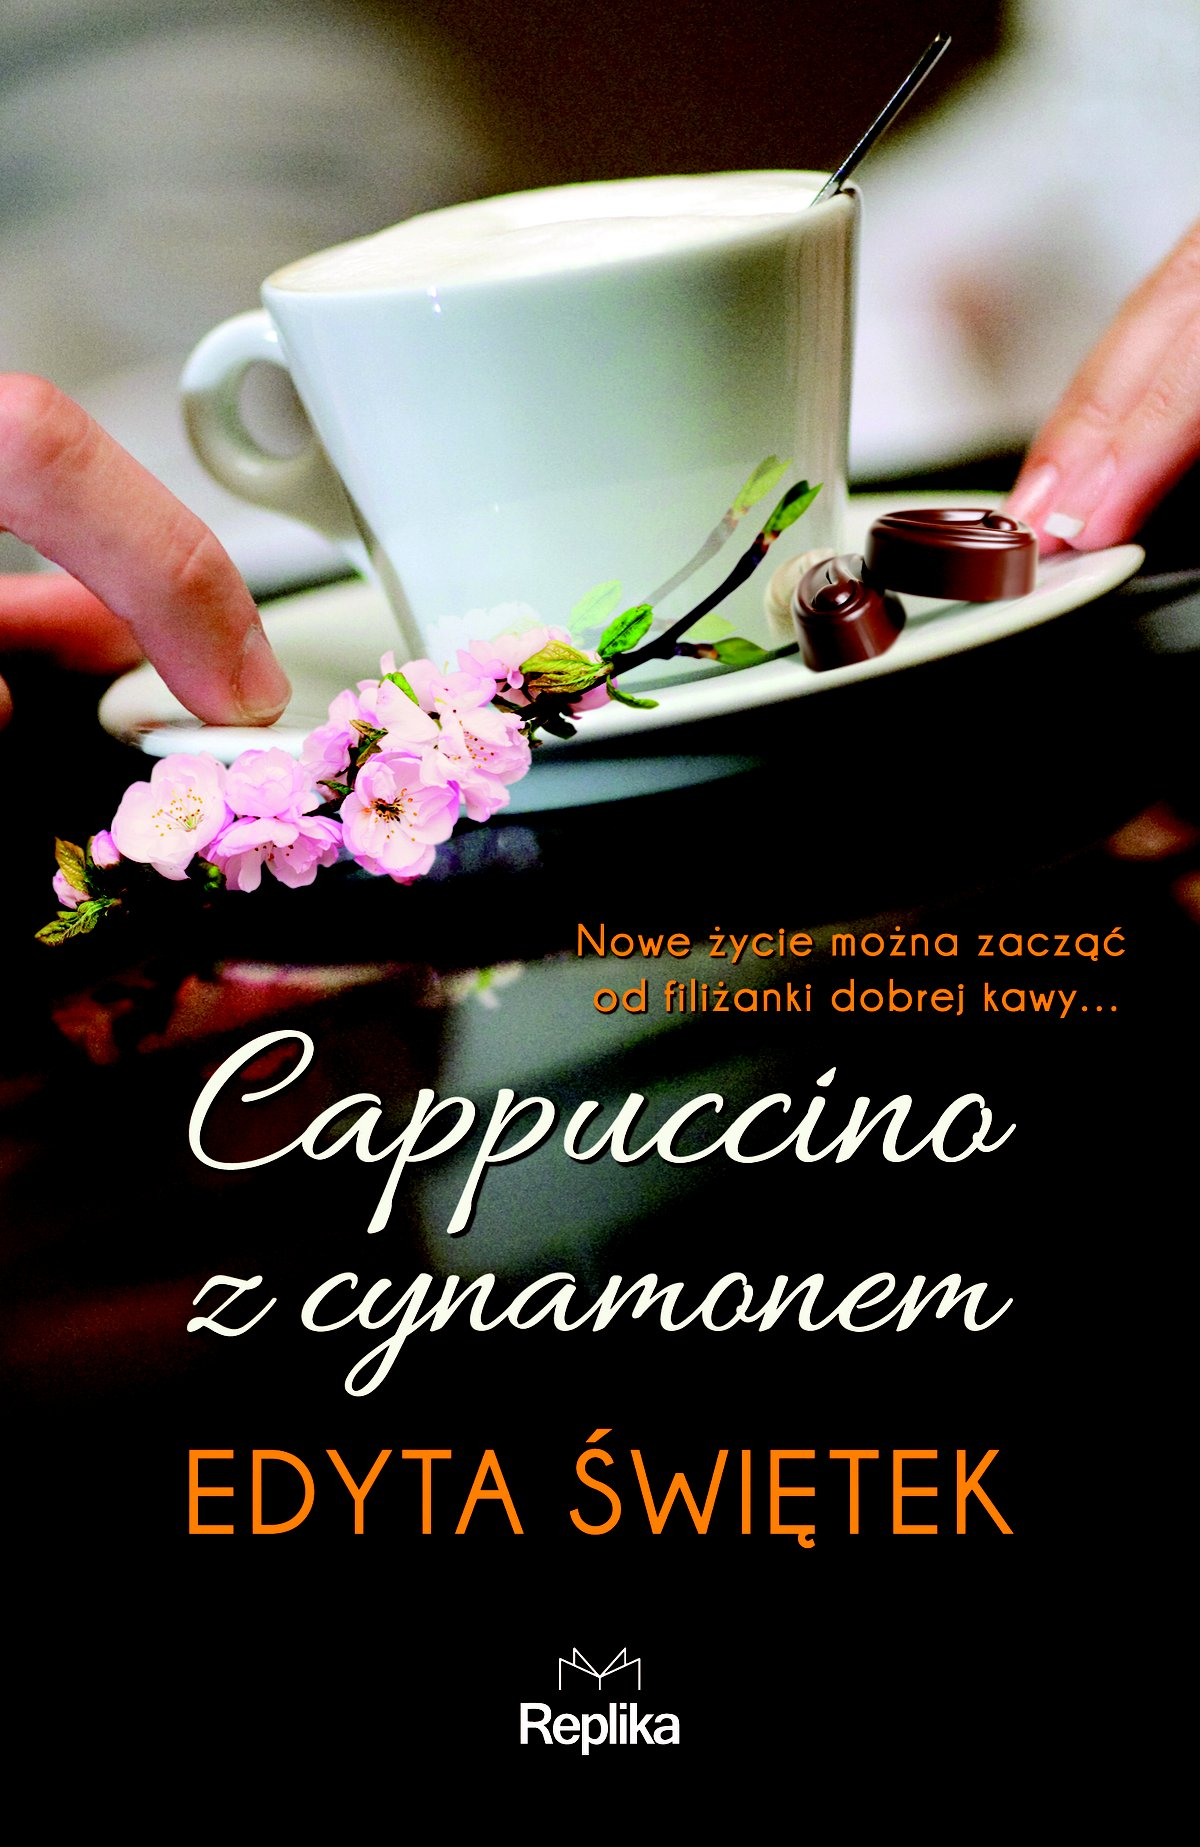 Cappuccino z cynamonem - Ebook (Książka na Kindle) do pobrania w formacie MOBI